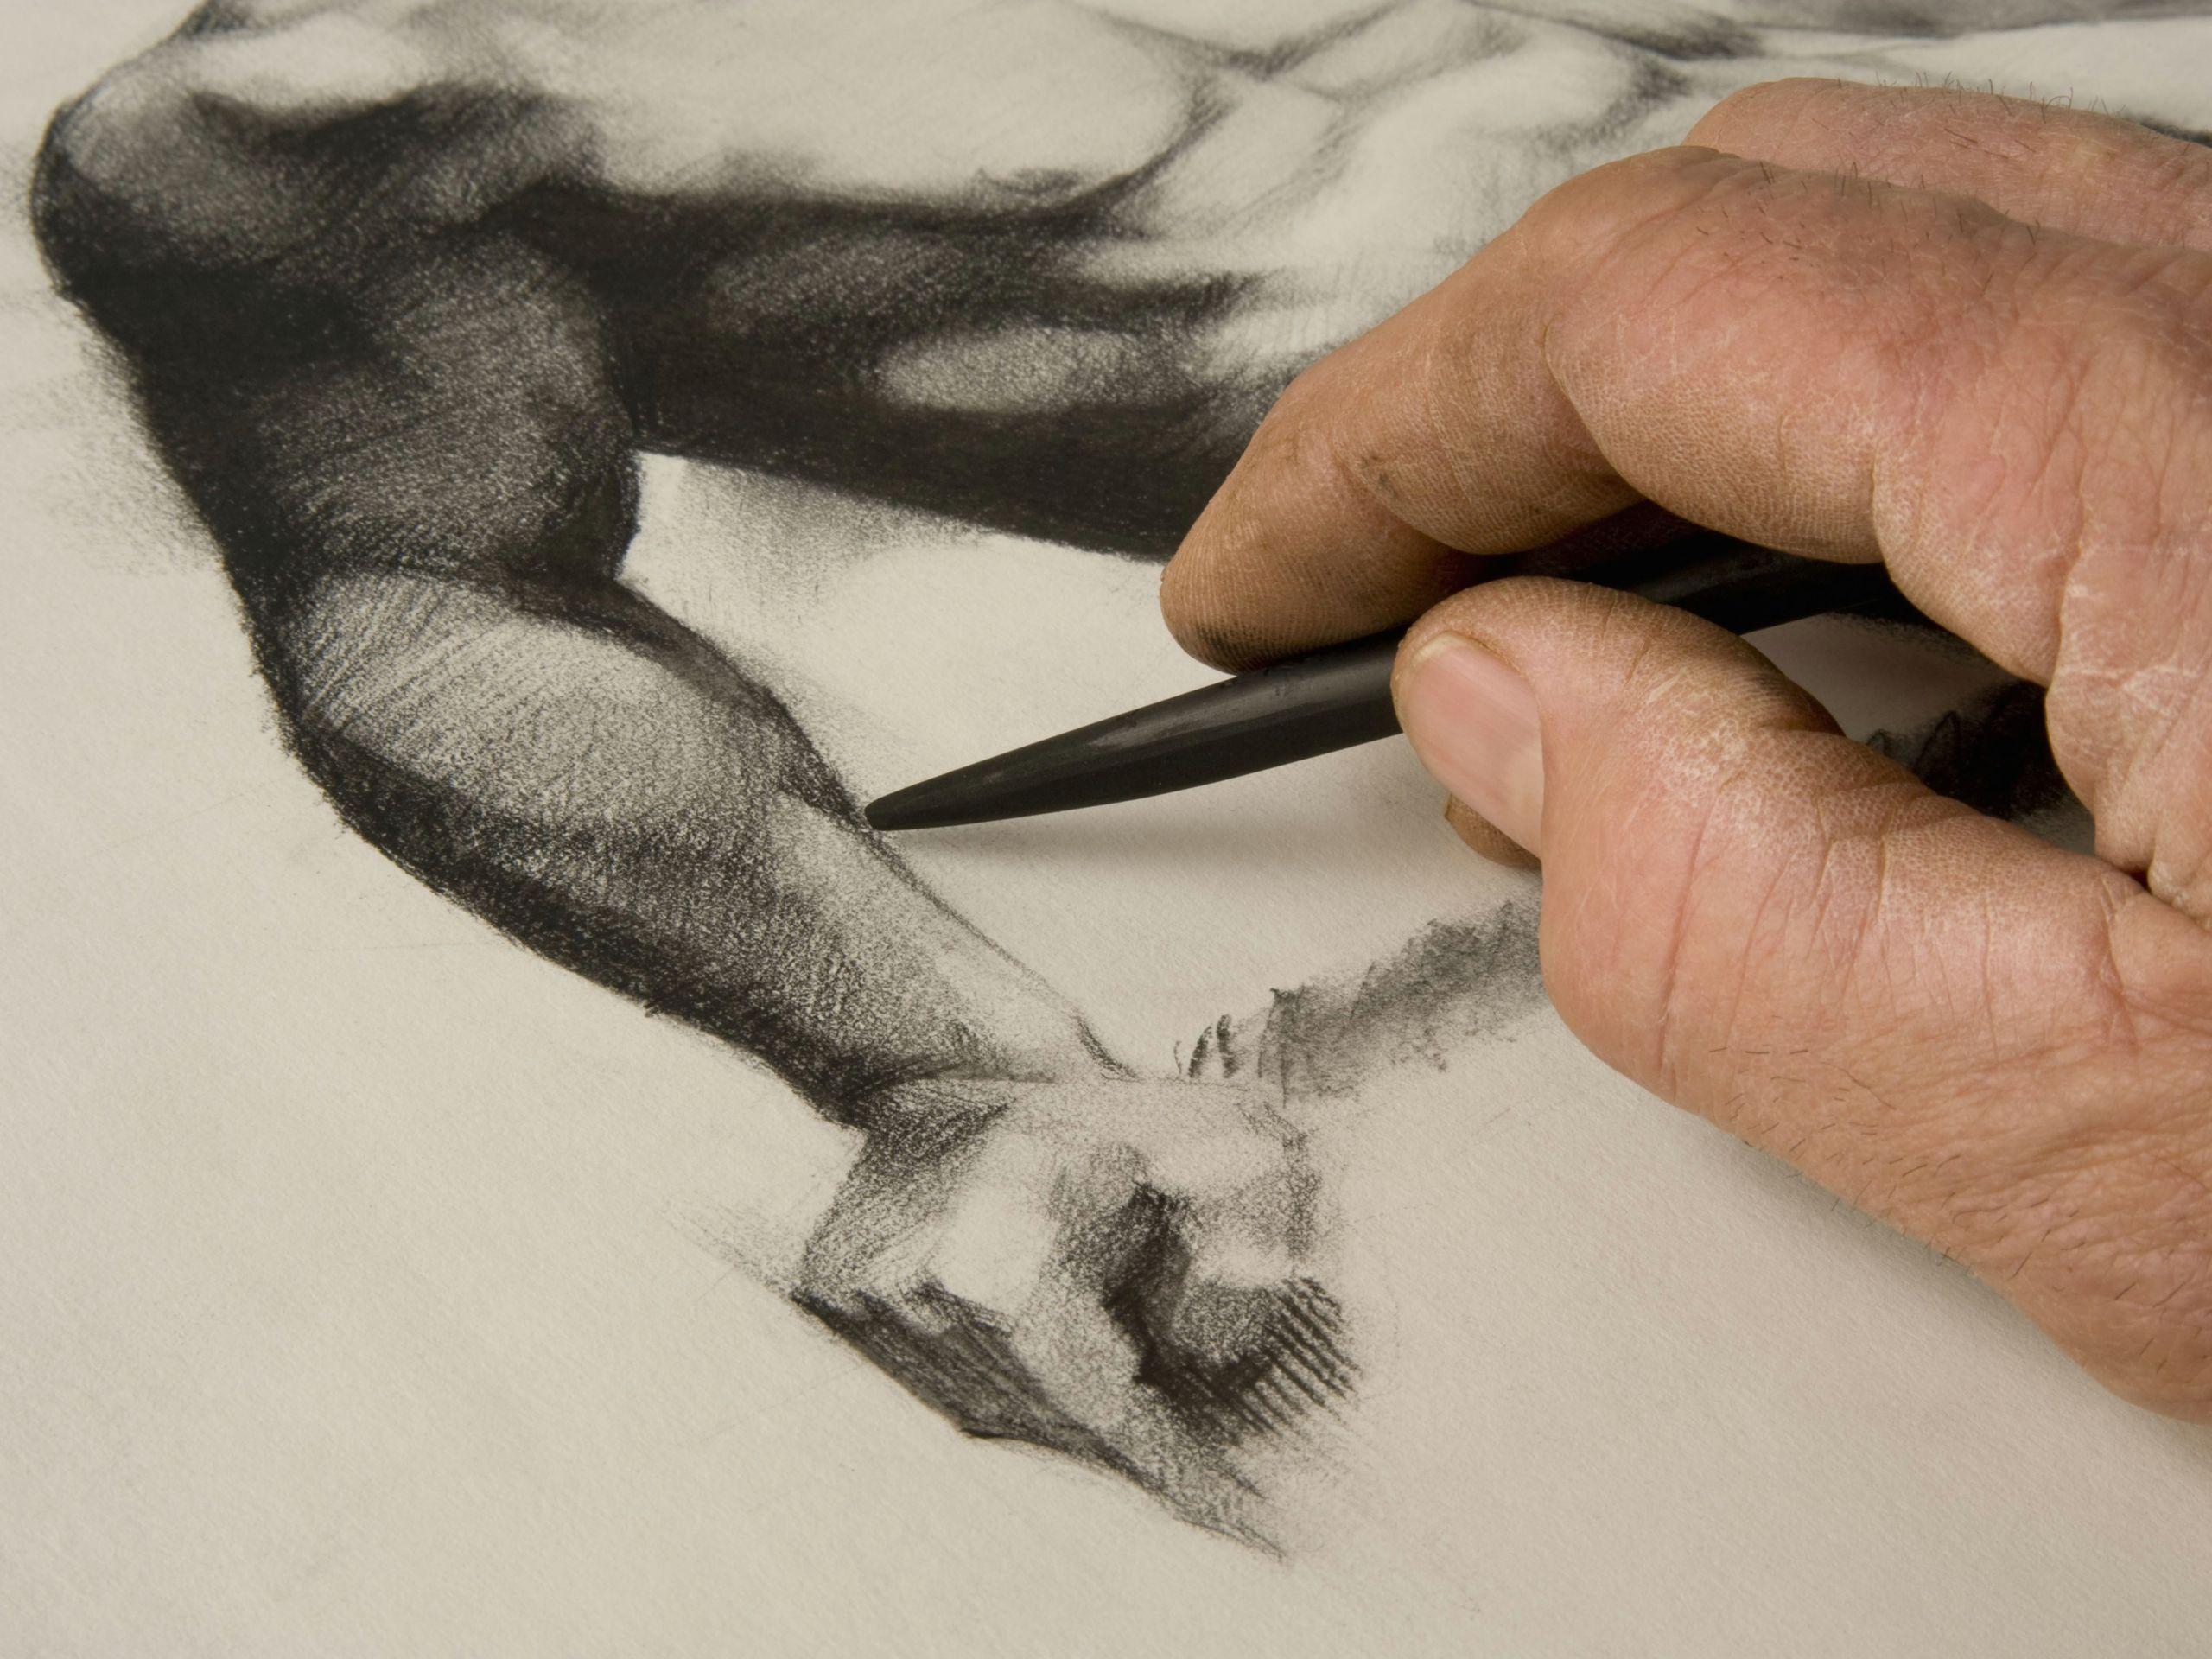 artist s hand and sketch 84749038 5af495c31d64040036c96242 jpg